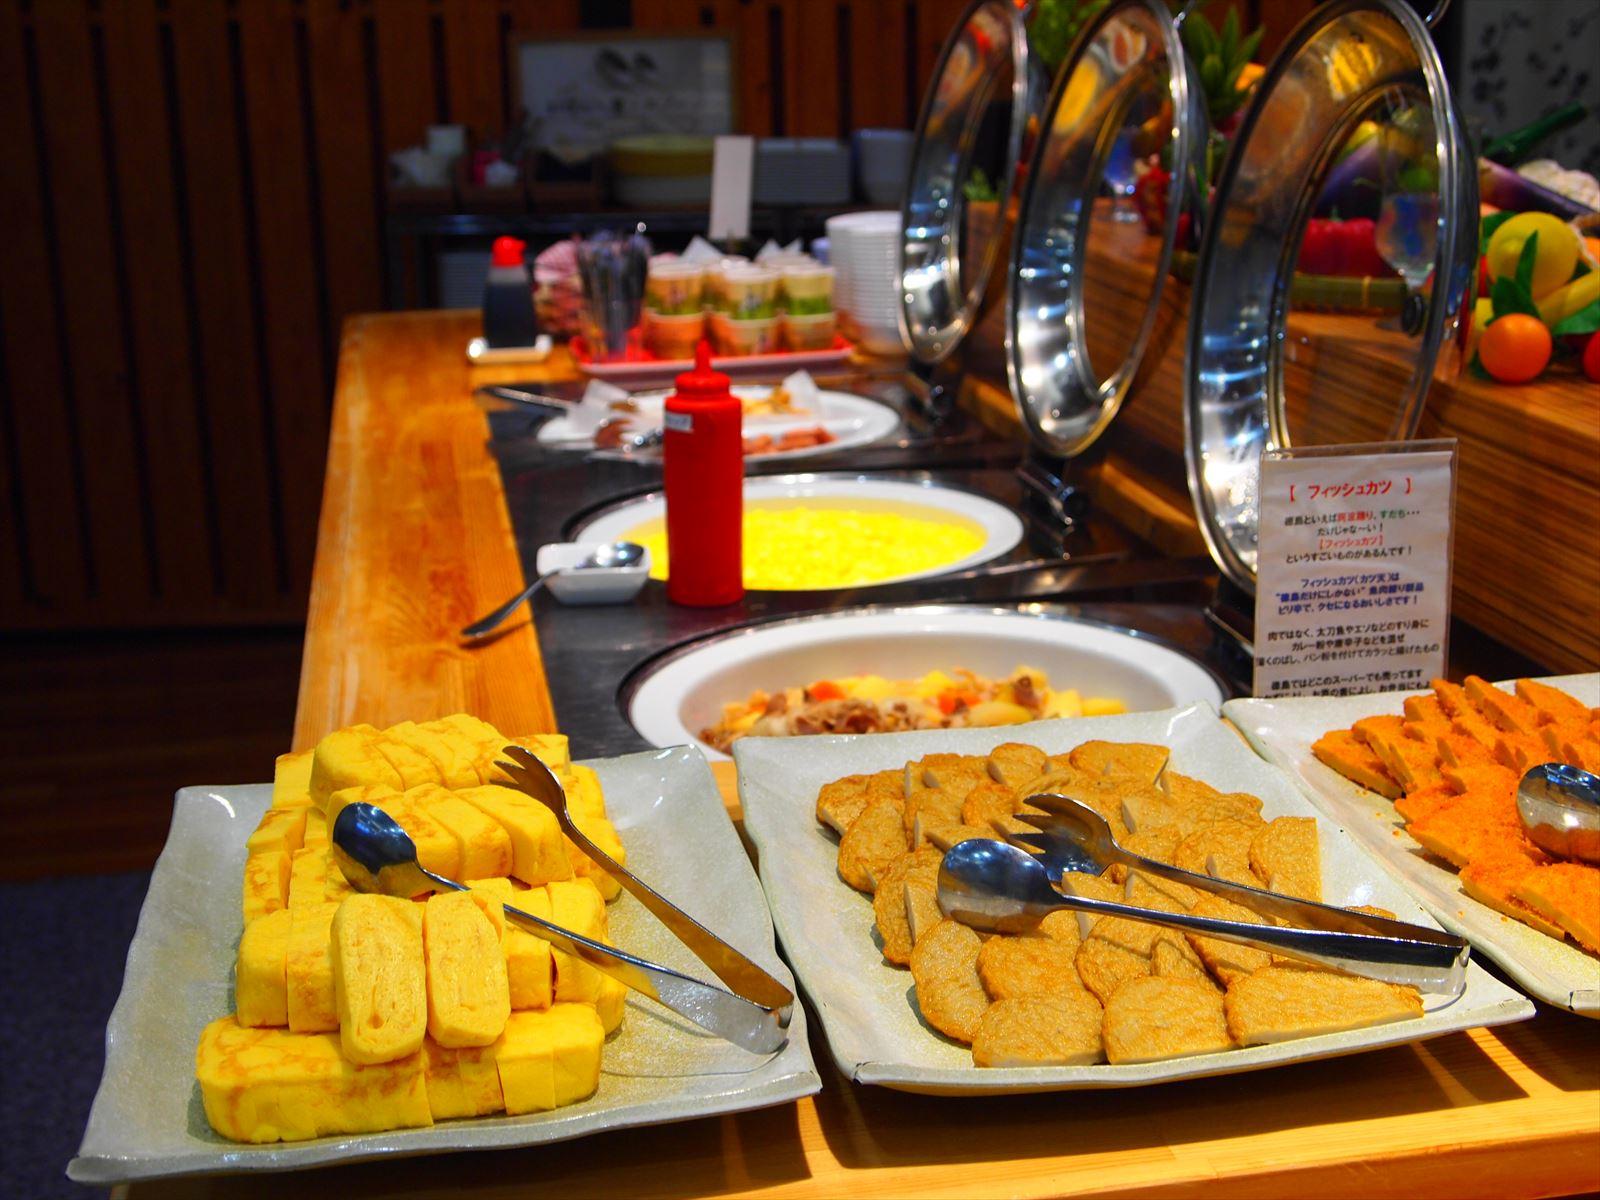 ホテルたいよう農園 赤字食堂 バイキング形式朝食